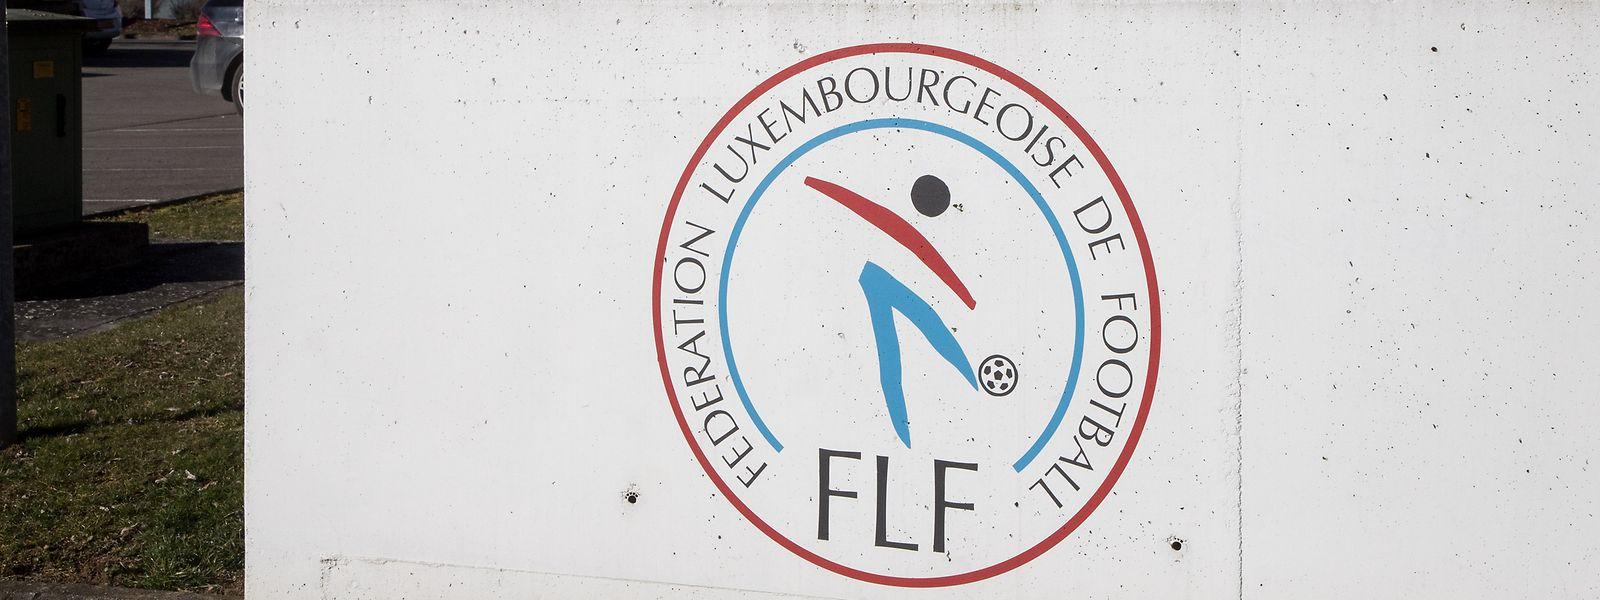 Der Fußballverband FLF lässt die Clubs über die Zukunft der Ligen entscheiden.